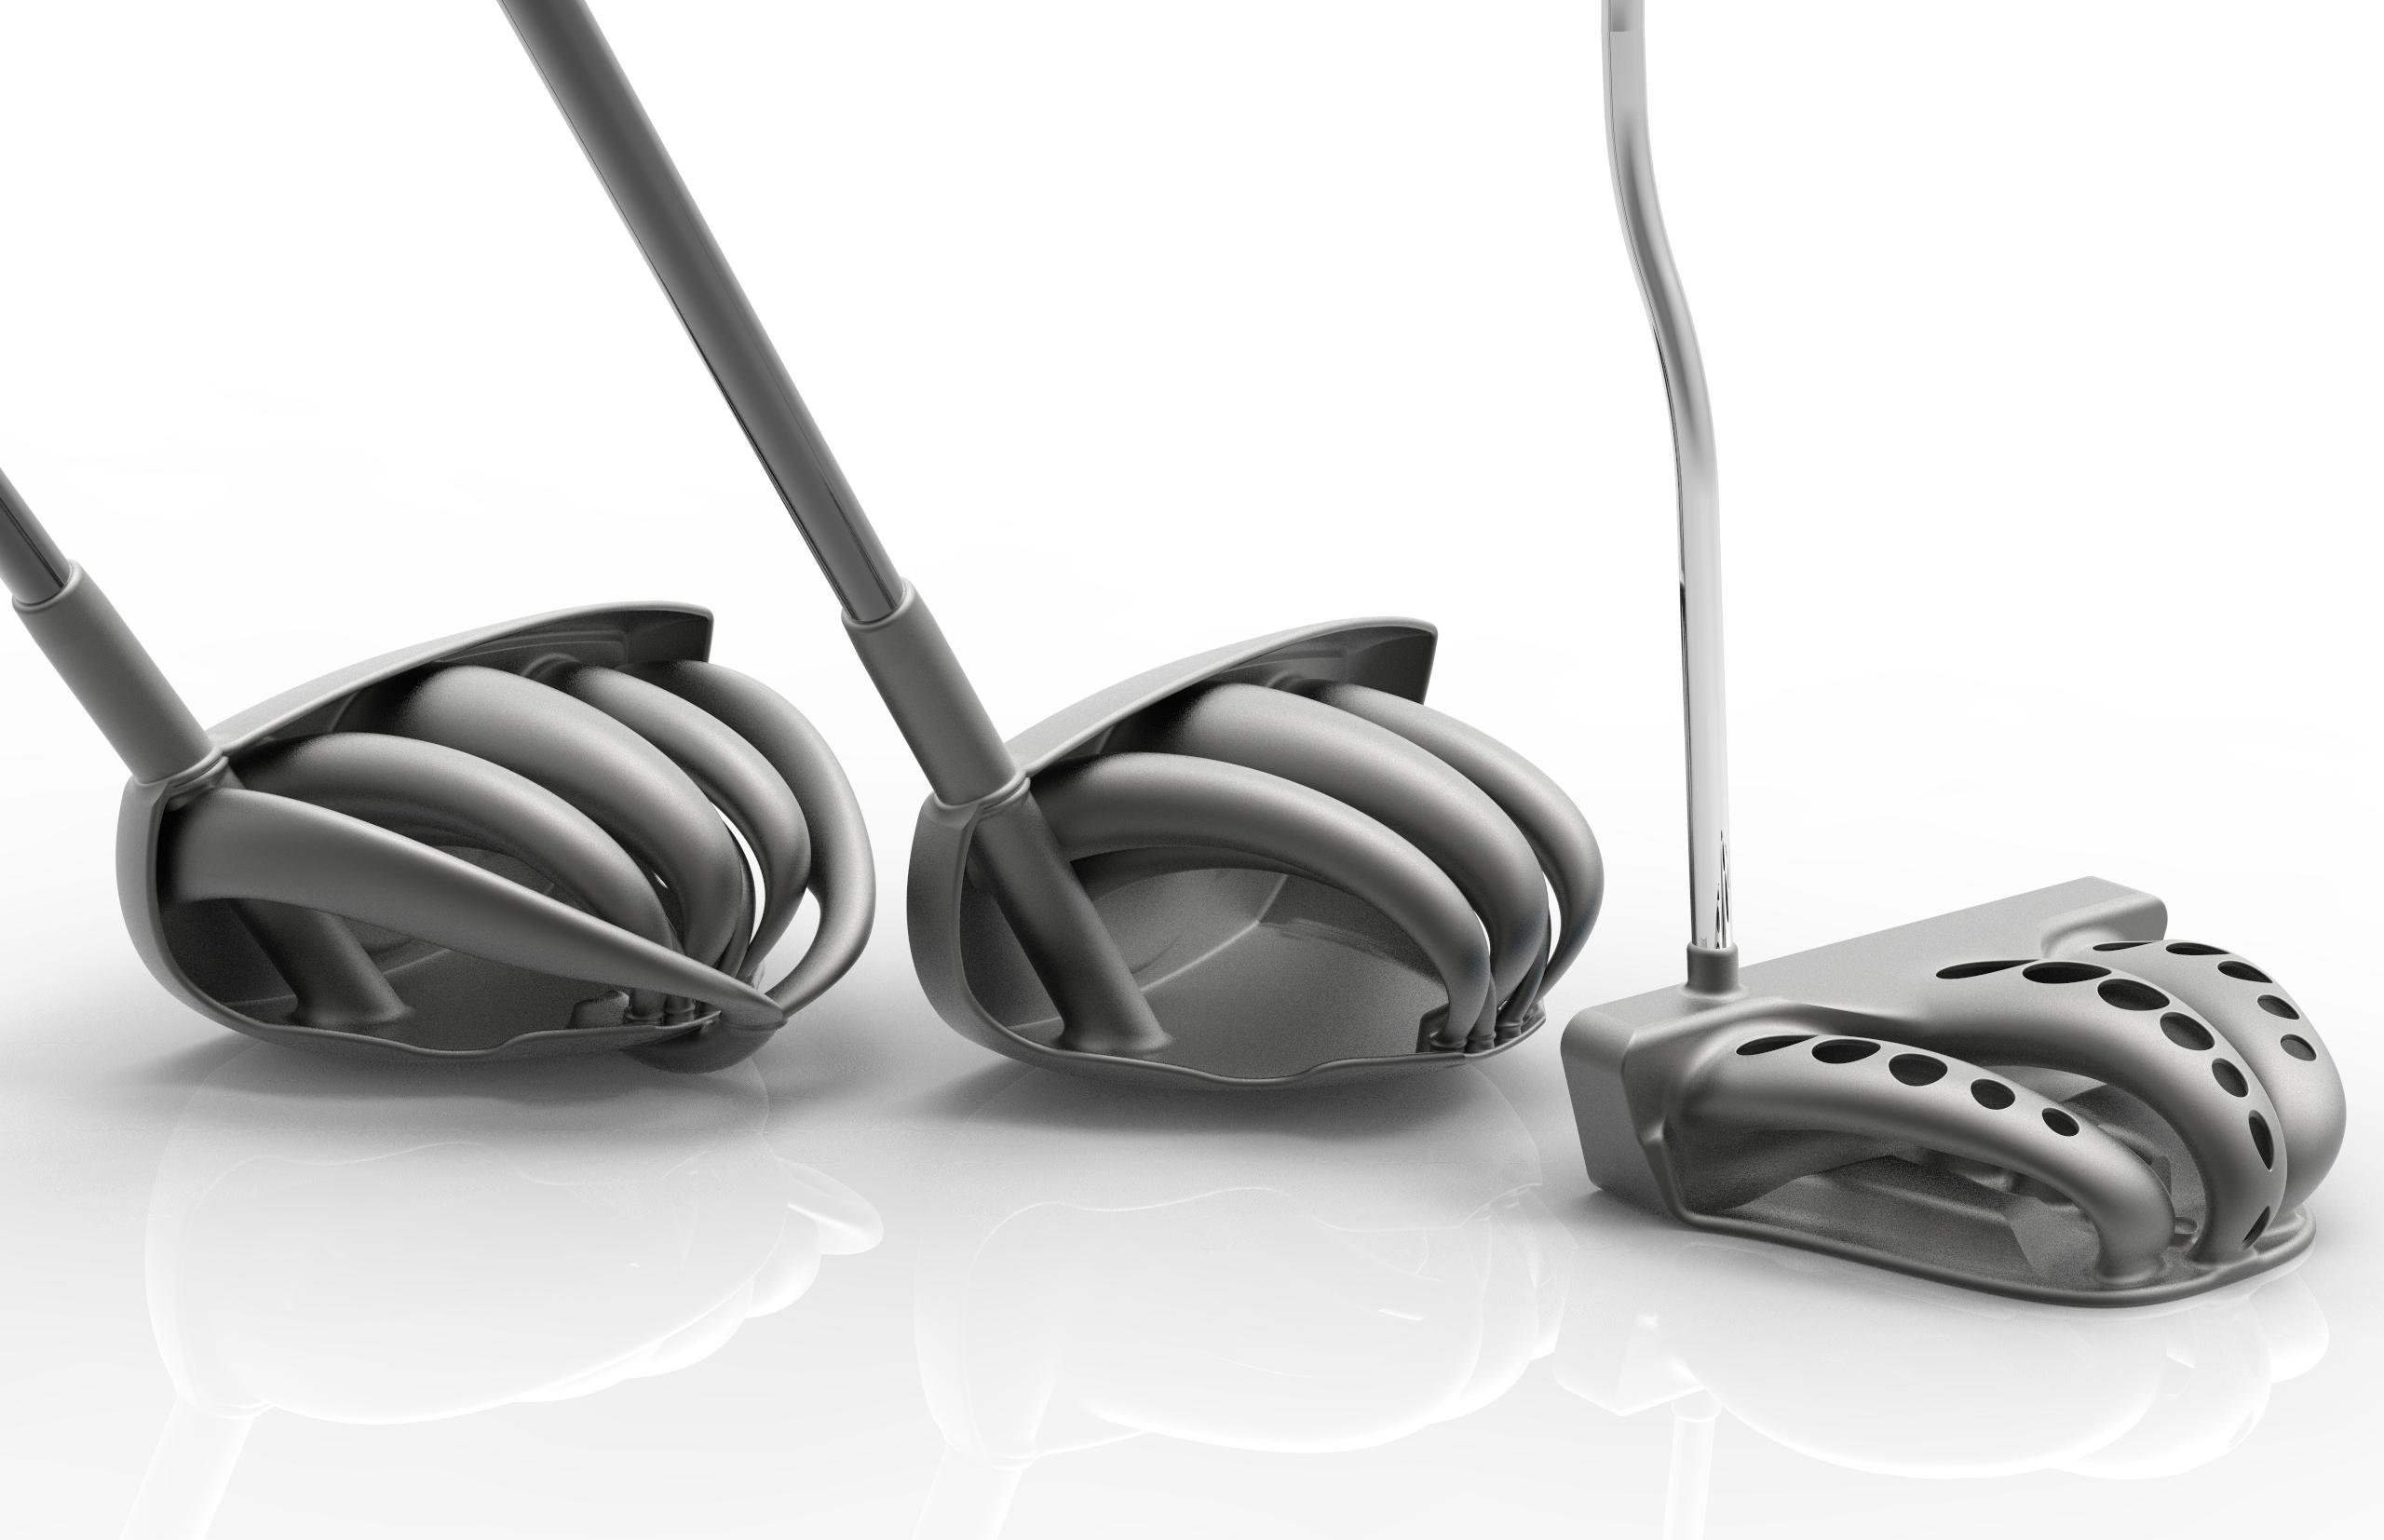 T1, T2 and P1 Titanium DMLS Golf Clu